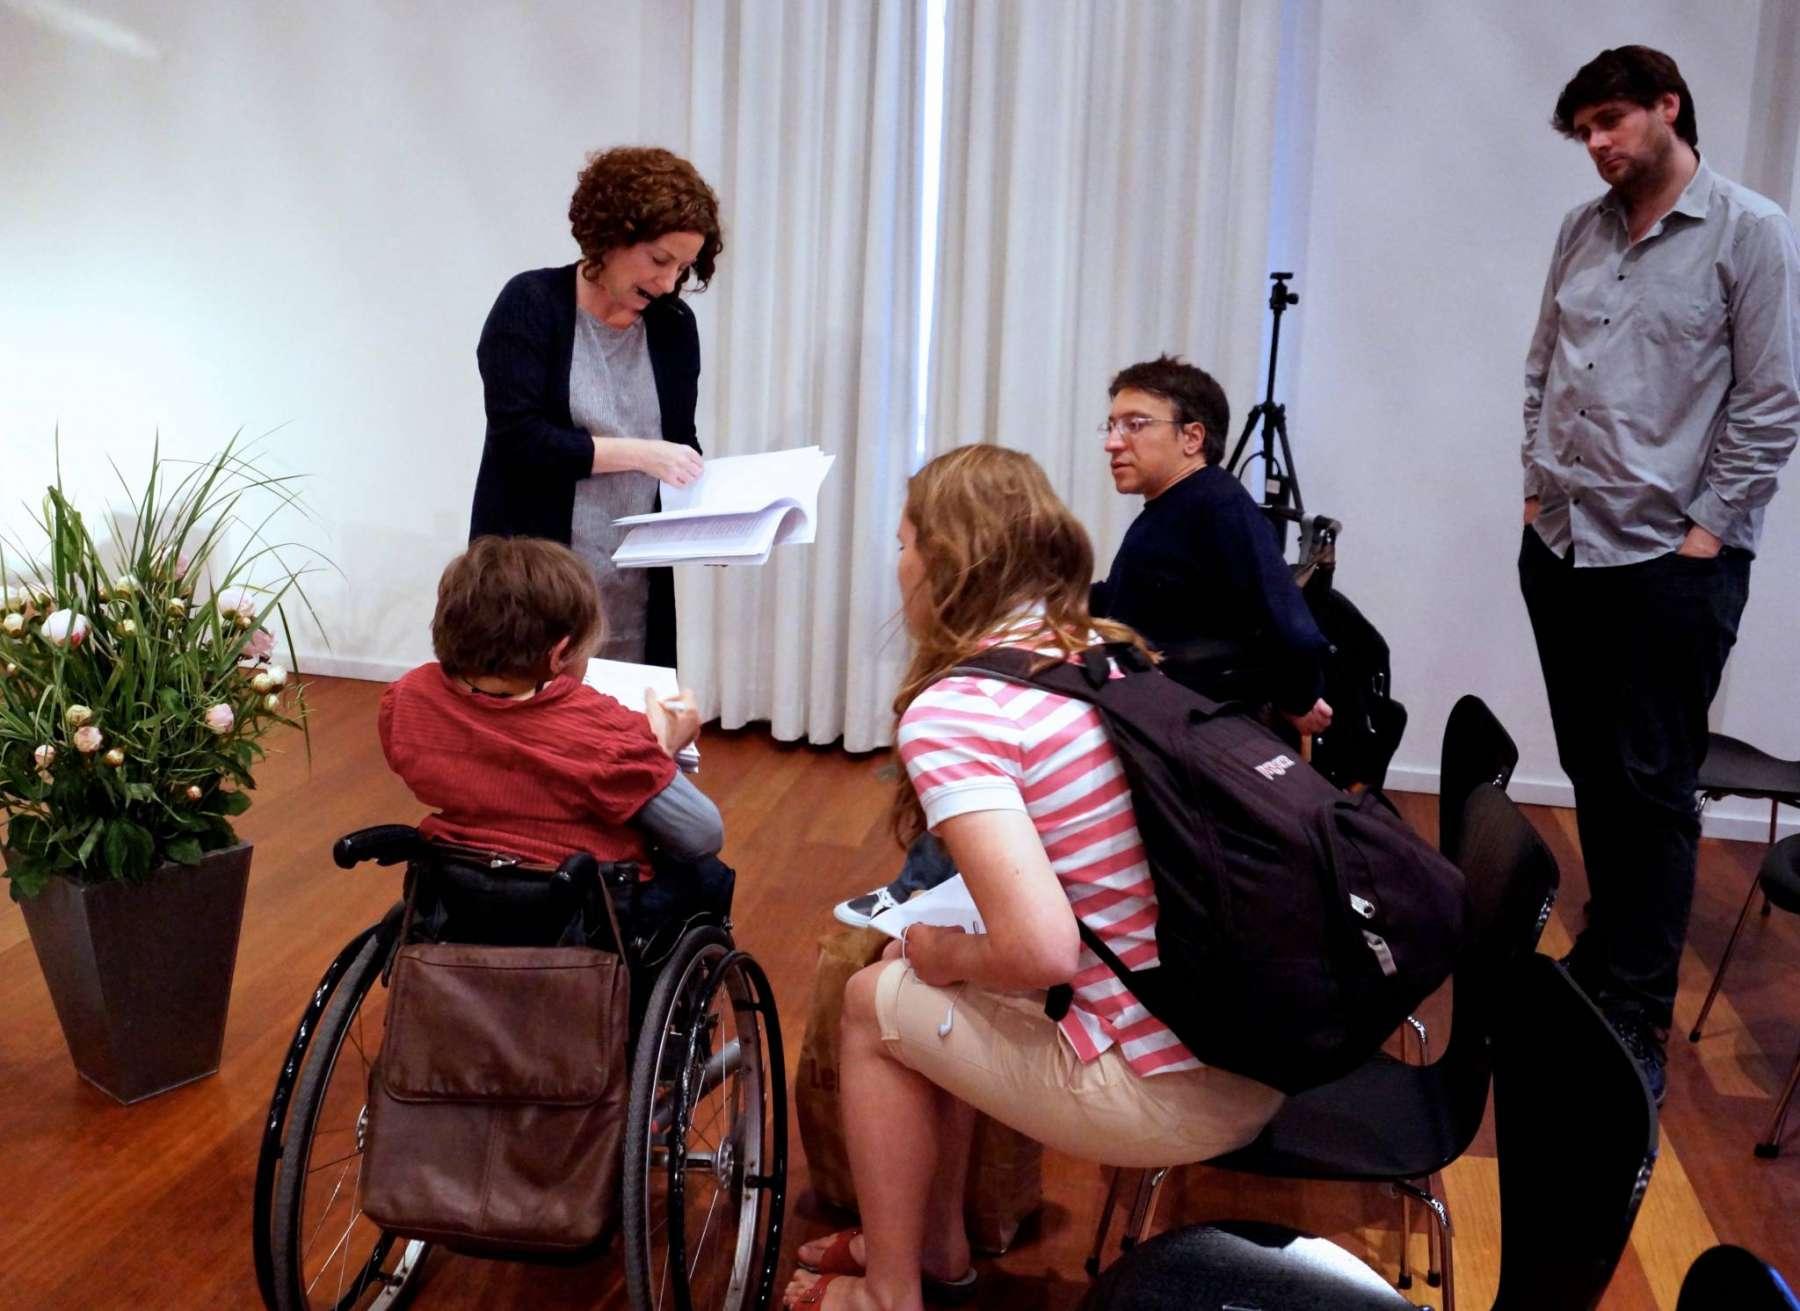 ICI Berlin Accessability